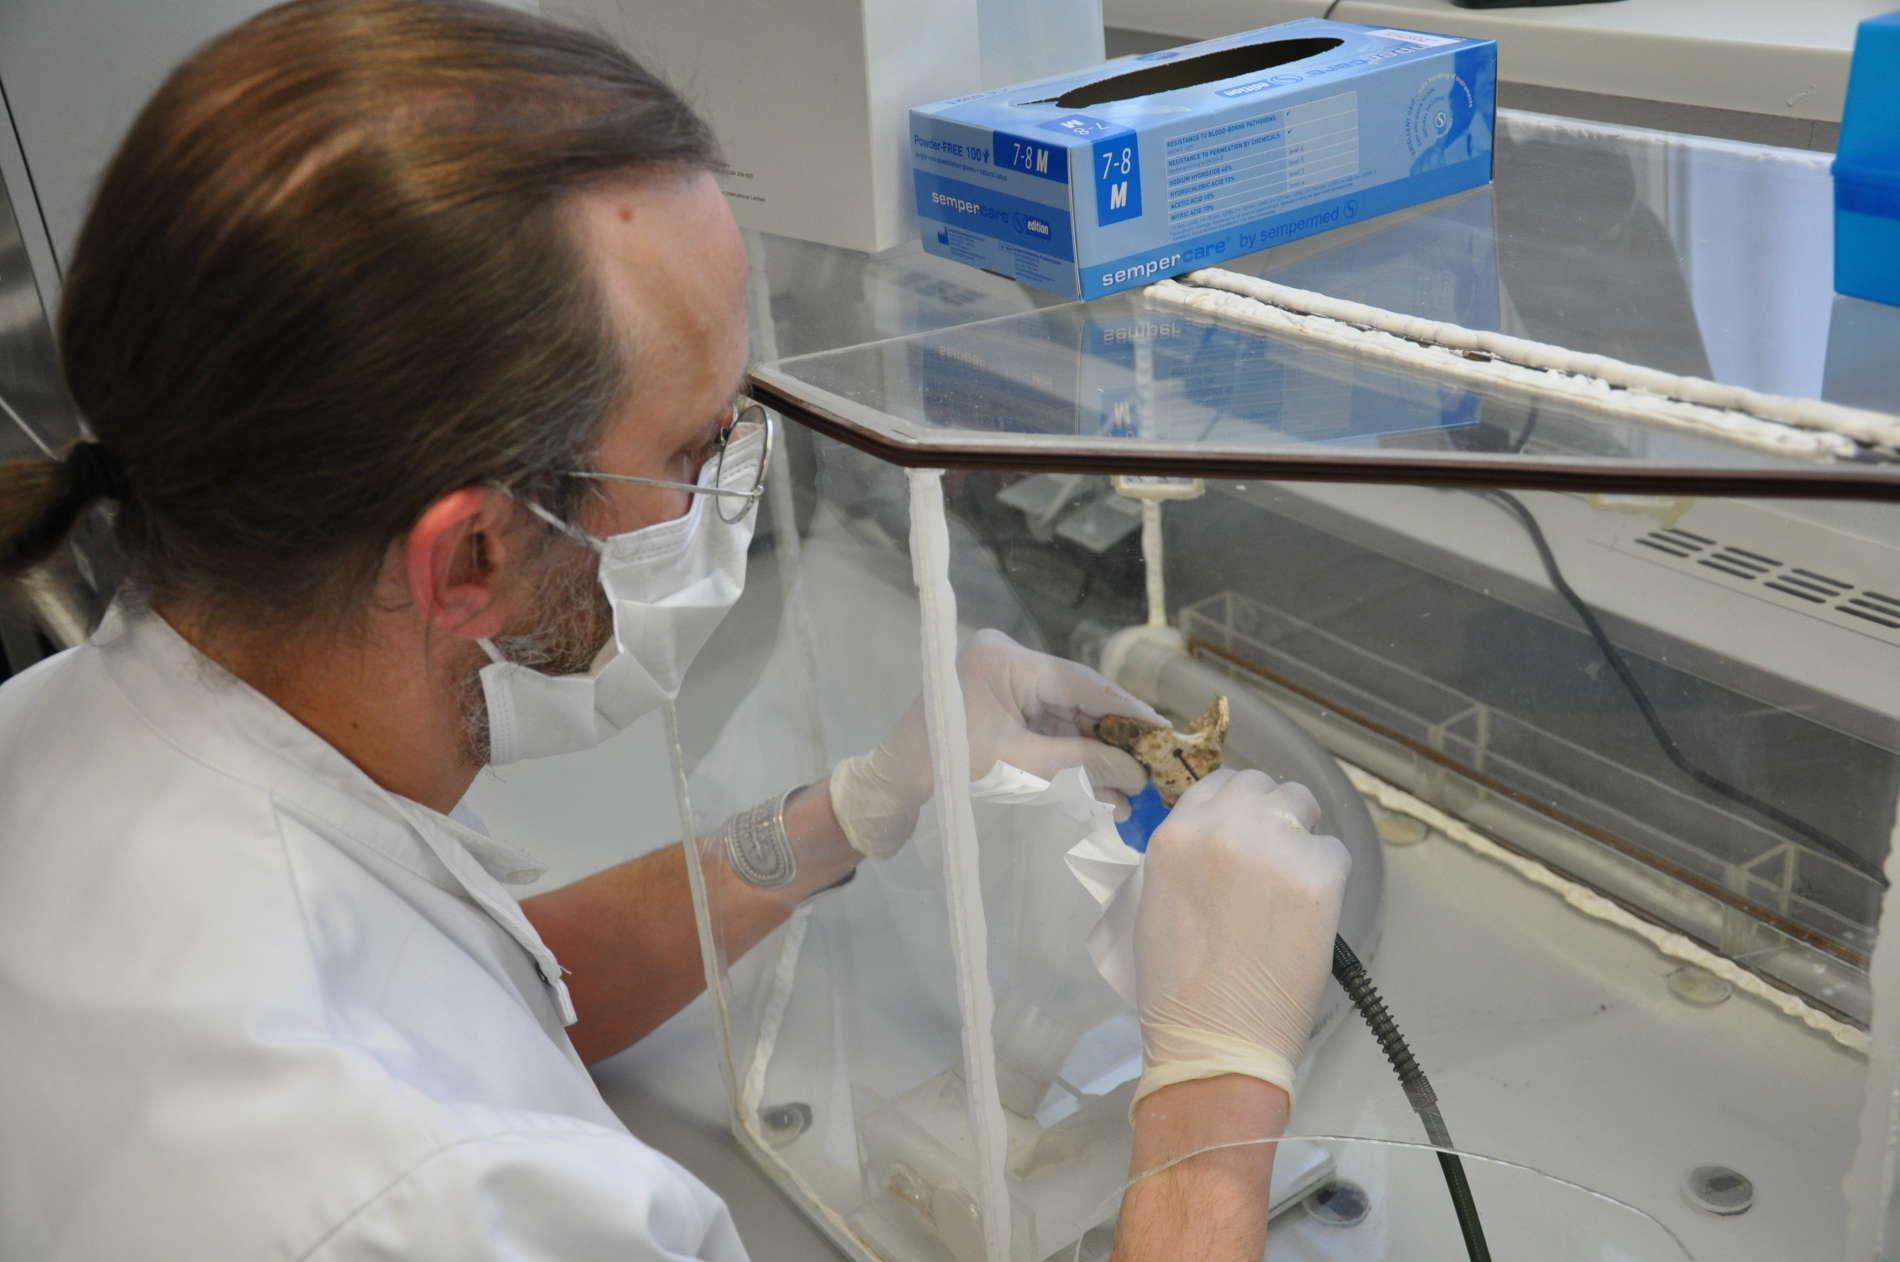 Molekularbiologe Jan Cemper-Kiesslich von der Gerichtsmedizin Salzburg bei der Arbeit im Labor.